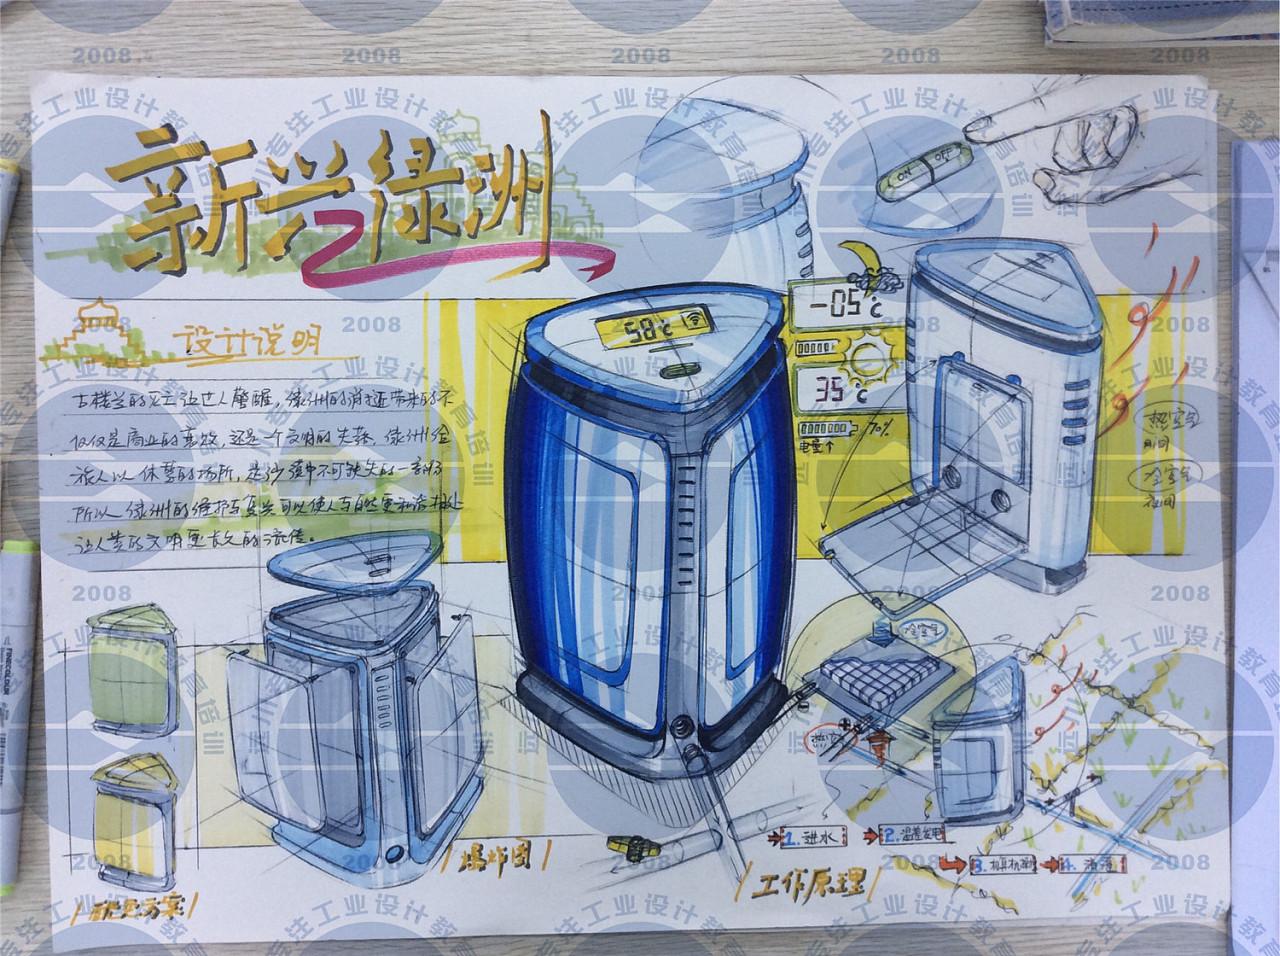 工业设计考研快题,工业设计产品手绘,远川